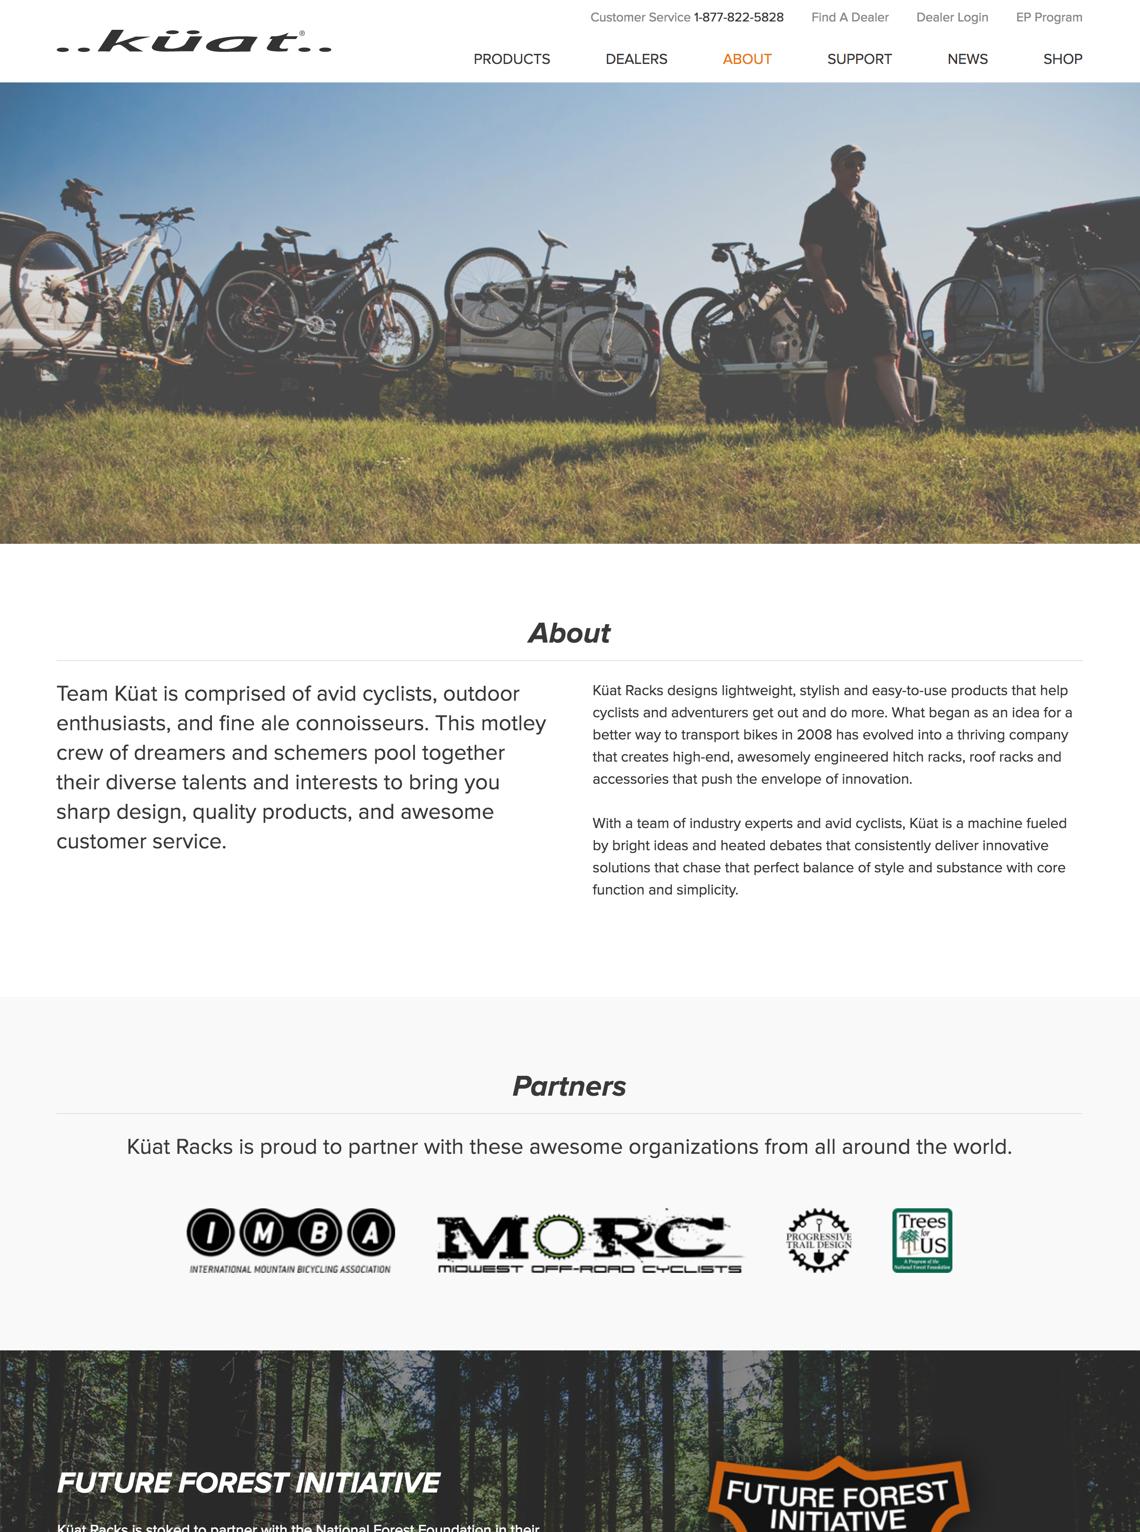 Kuat Racks website design